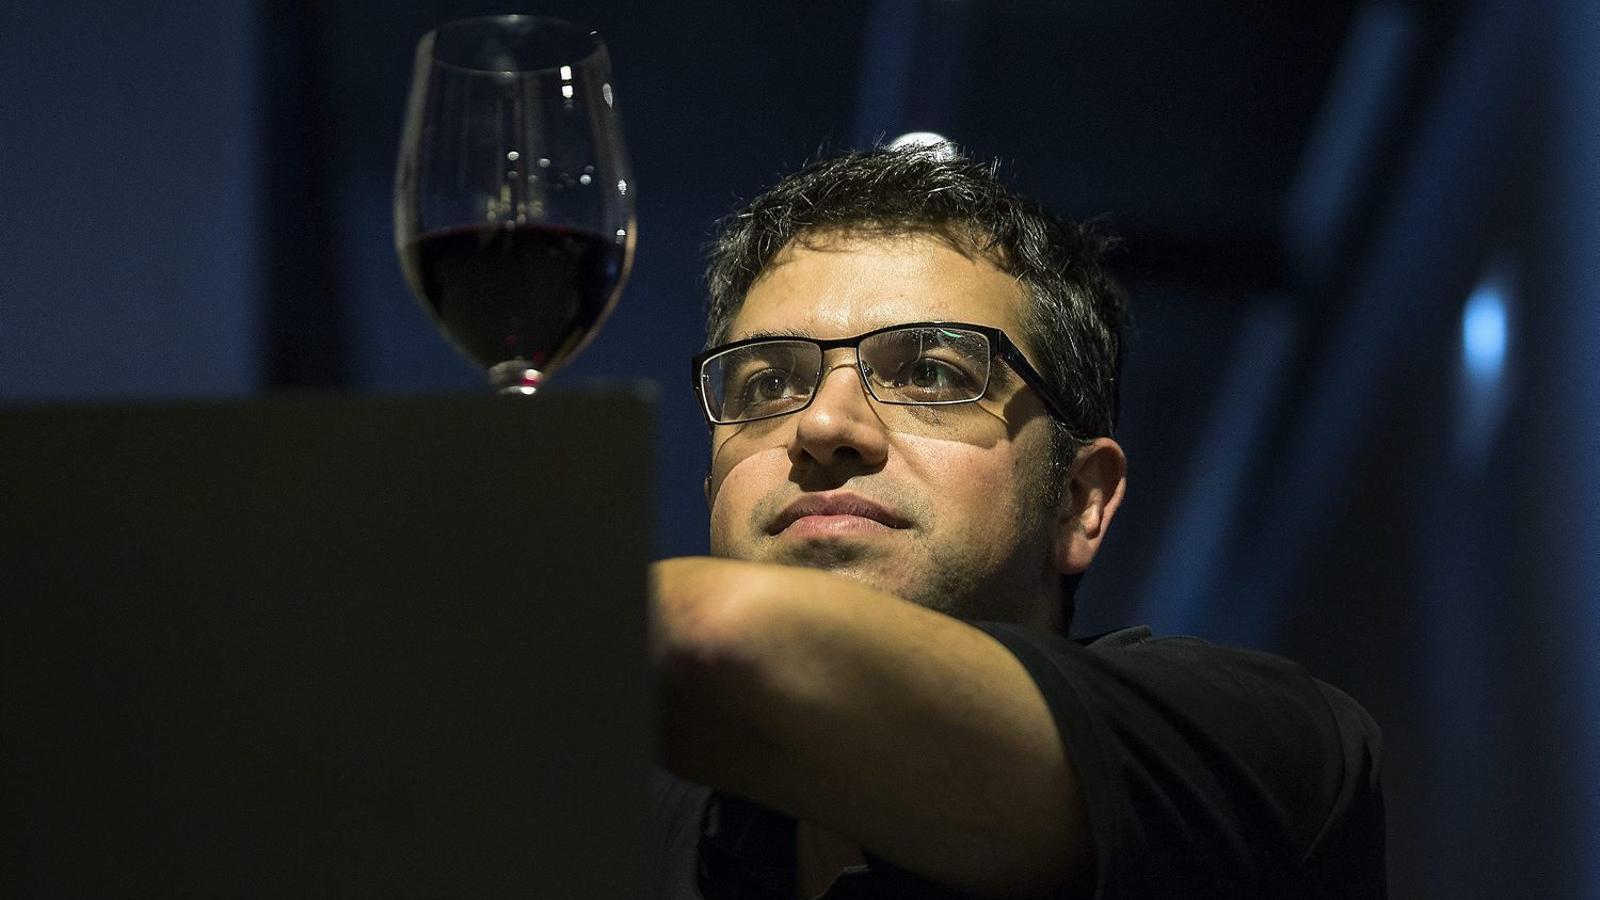 """""""Els nostres vins tenen més qualitat que mai, ara cal aprendre a vendre'ls a l'exterior"""" Entrevista a Ferran Centelles, sommelier i crític de vins"""